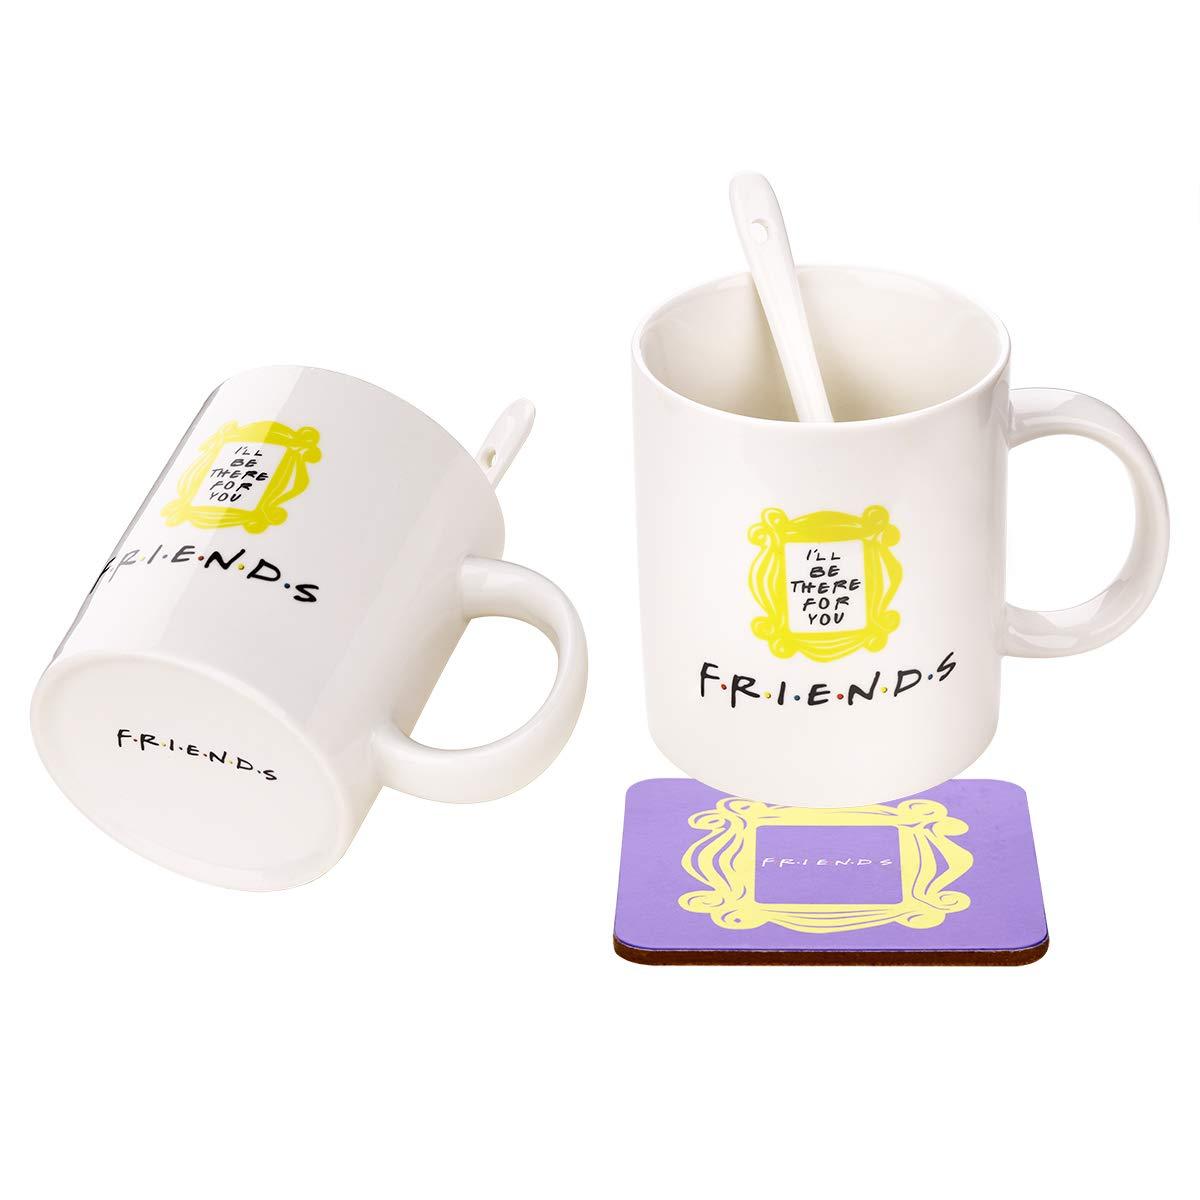 ویکالا · خرید  اصل اورجینال · خرید از آمازون · Peephole Yellow Frame Coffee Cup &Mugs Milk Cup Monica's Door Frame 1Cup + 1 Spoon + 1 Coaster Great Present for Fan!Ready to Hang. wekala · ویکالا